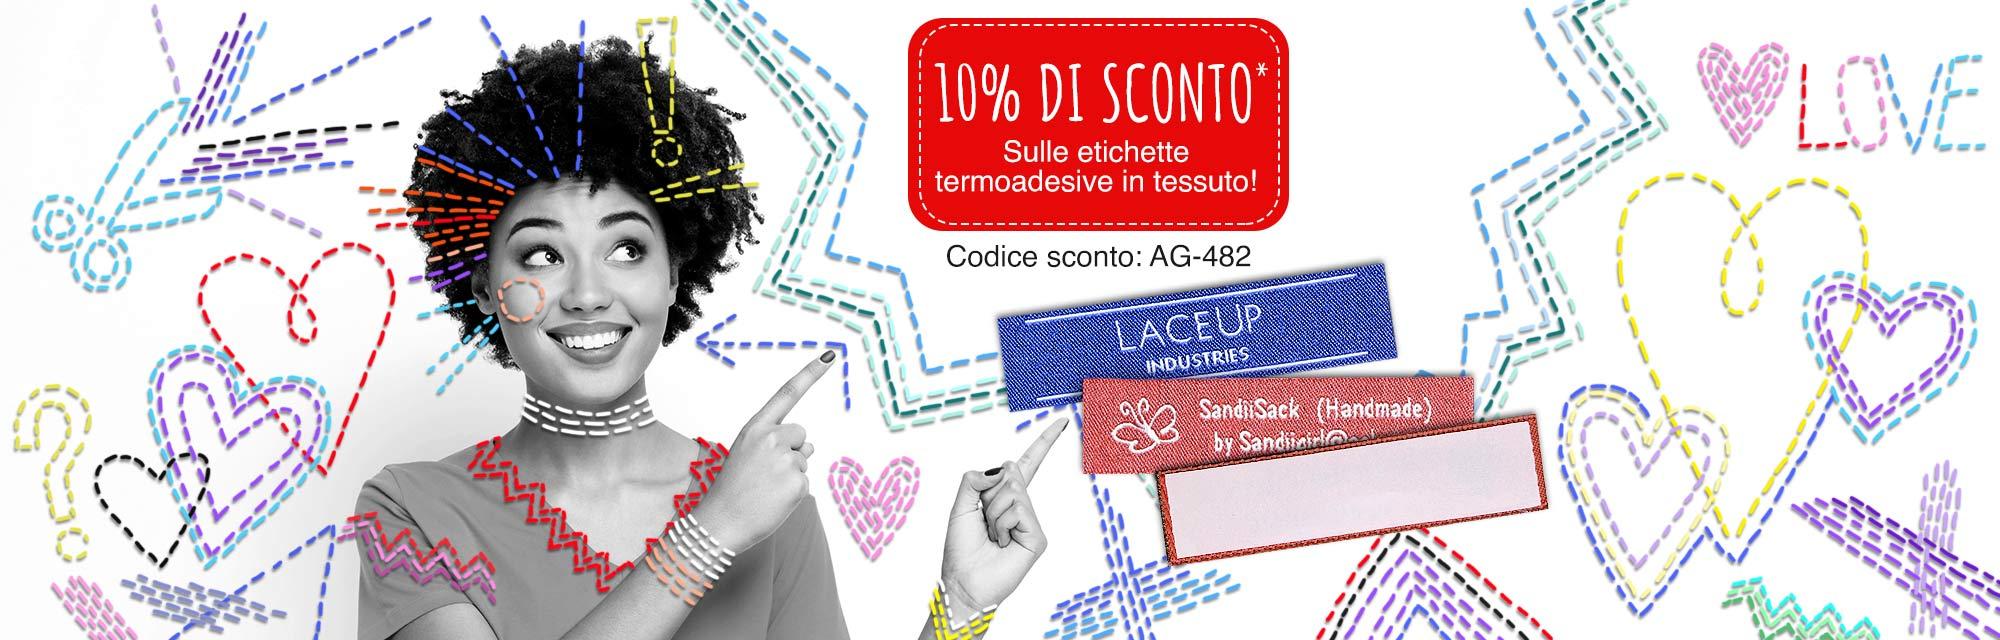 10 % di sconto* sulle etichette in tessuto termoadesive o da cucire!